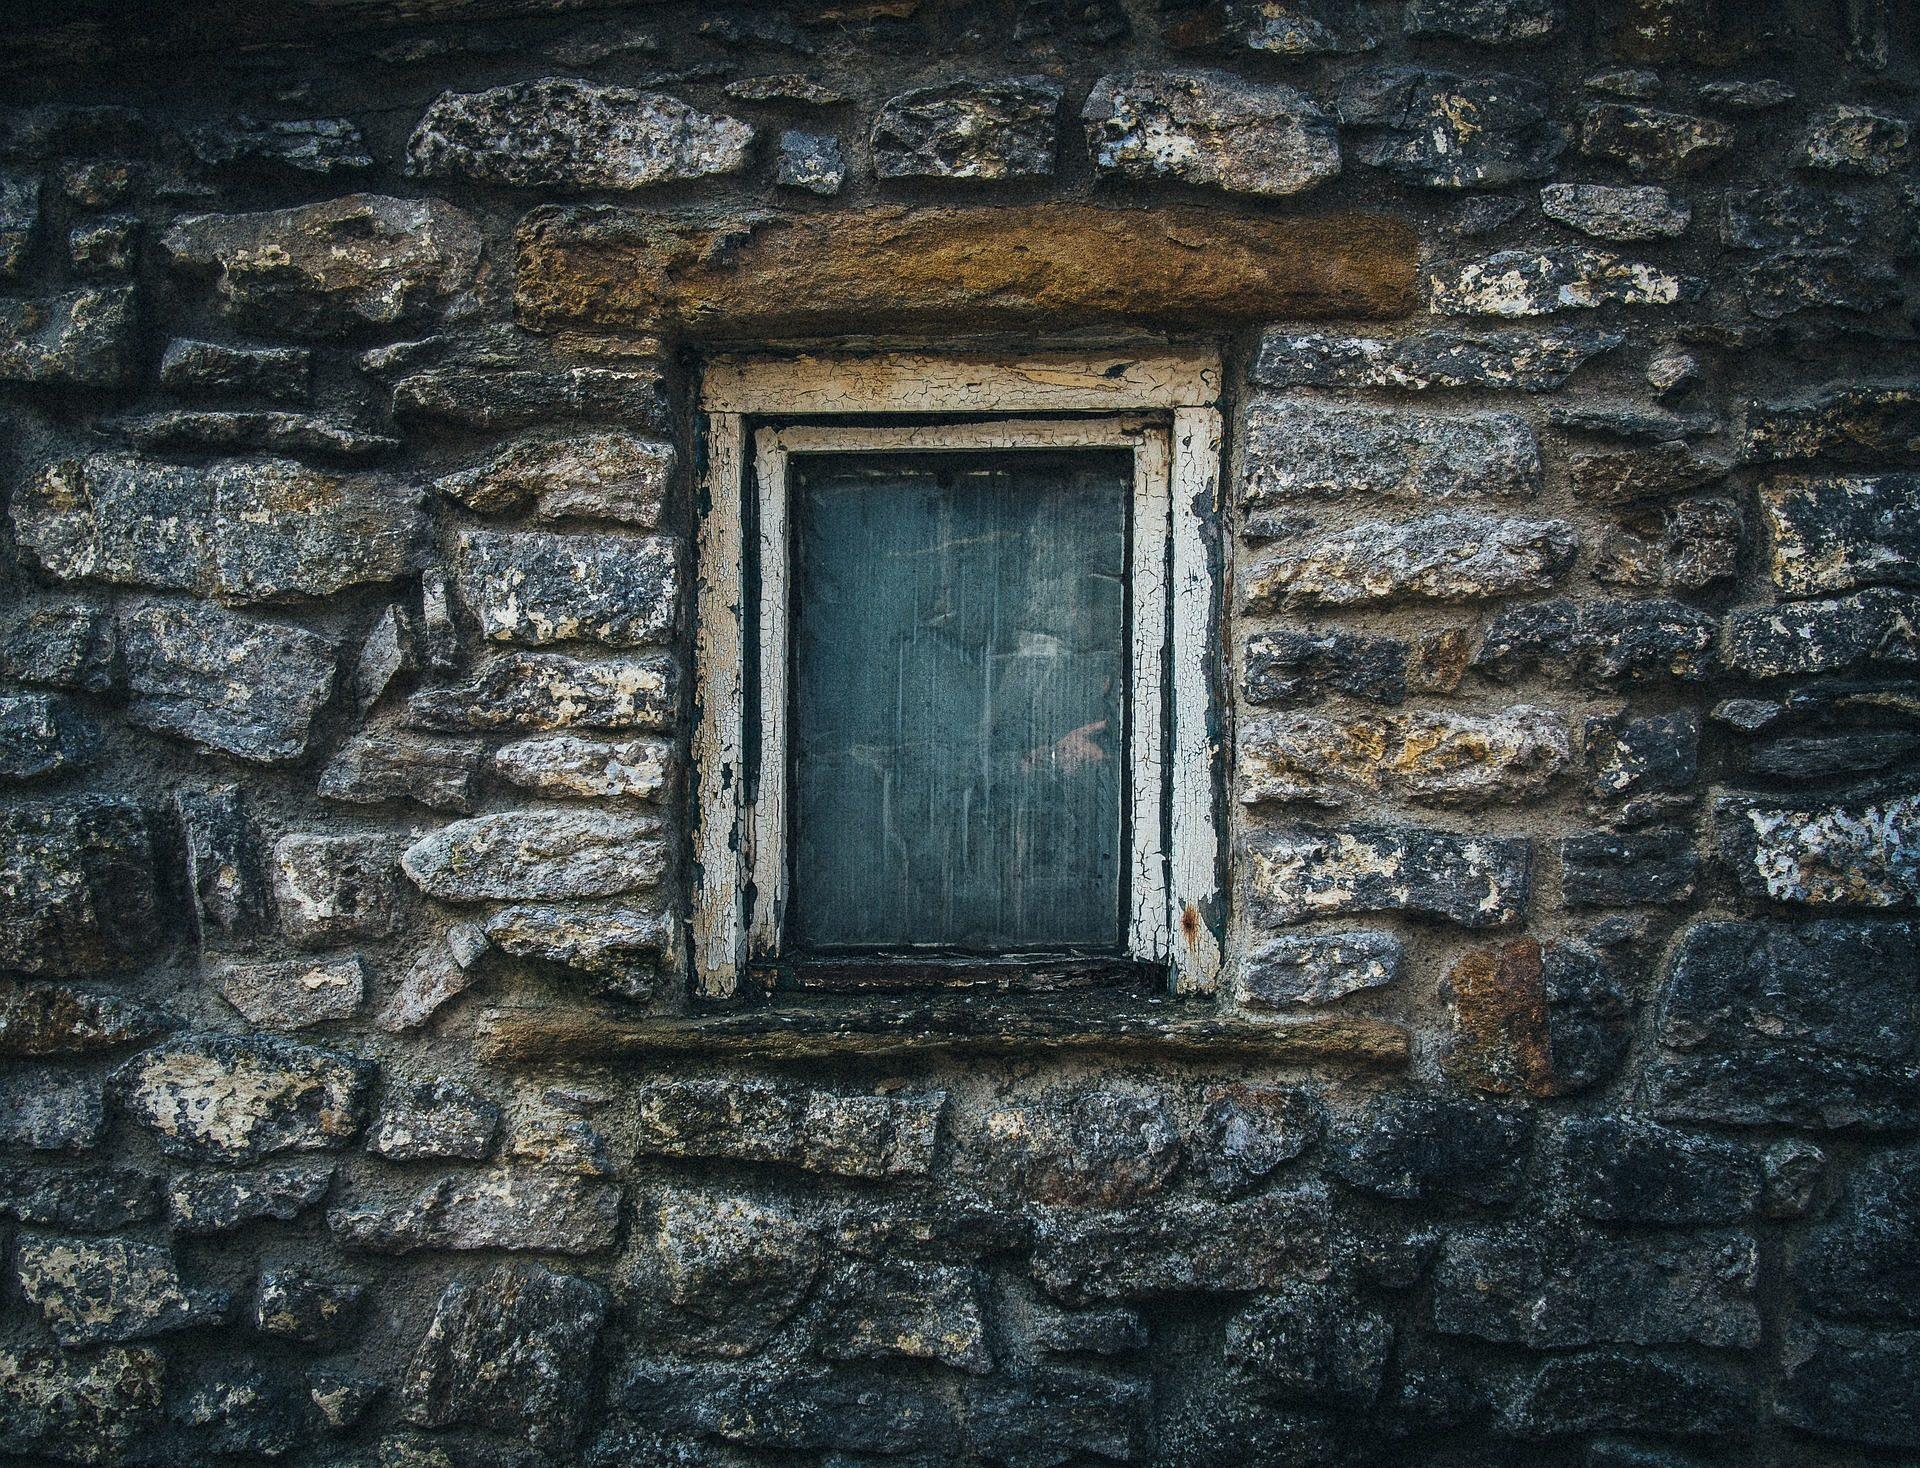 المنزل, نافذة, pared, الجدار, ستون, القديمة - خلفيات عالية الدقة - أستاذ falken.com